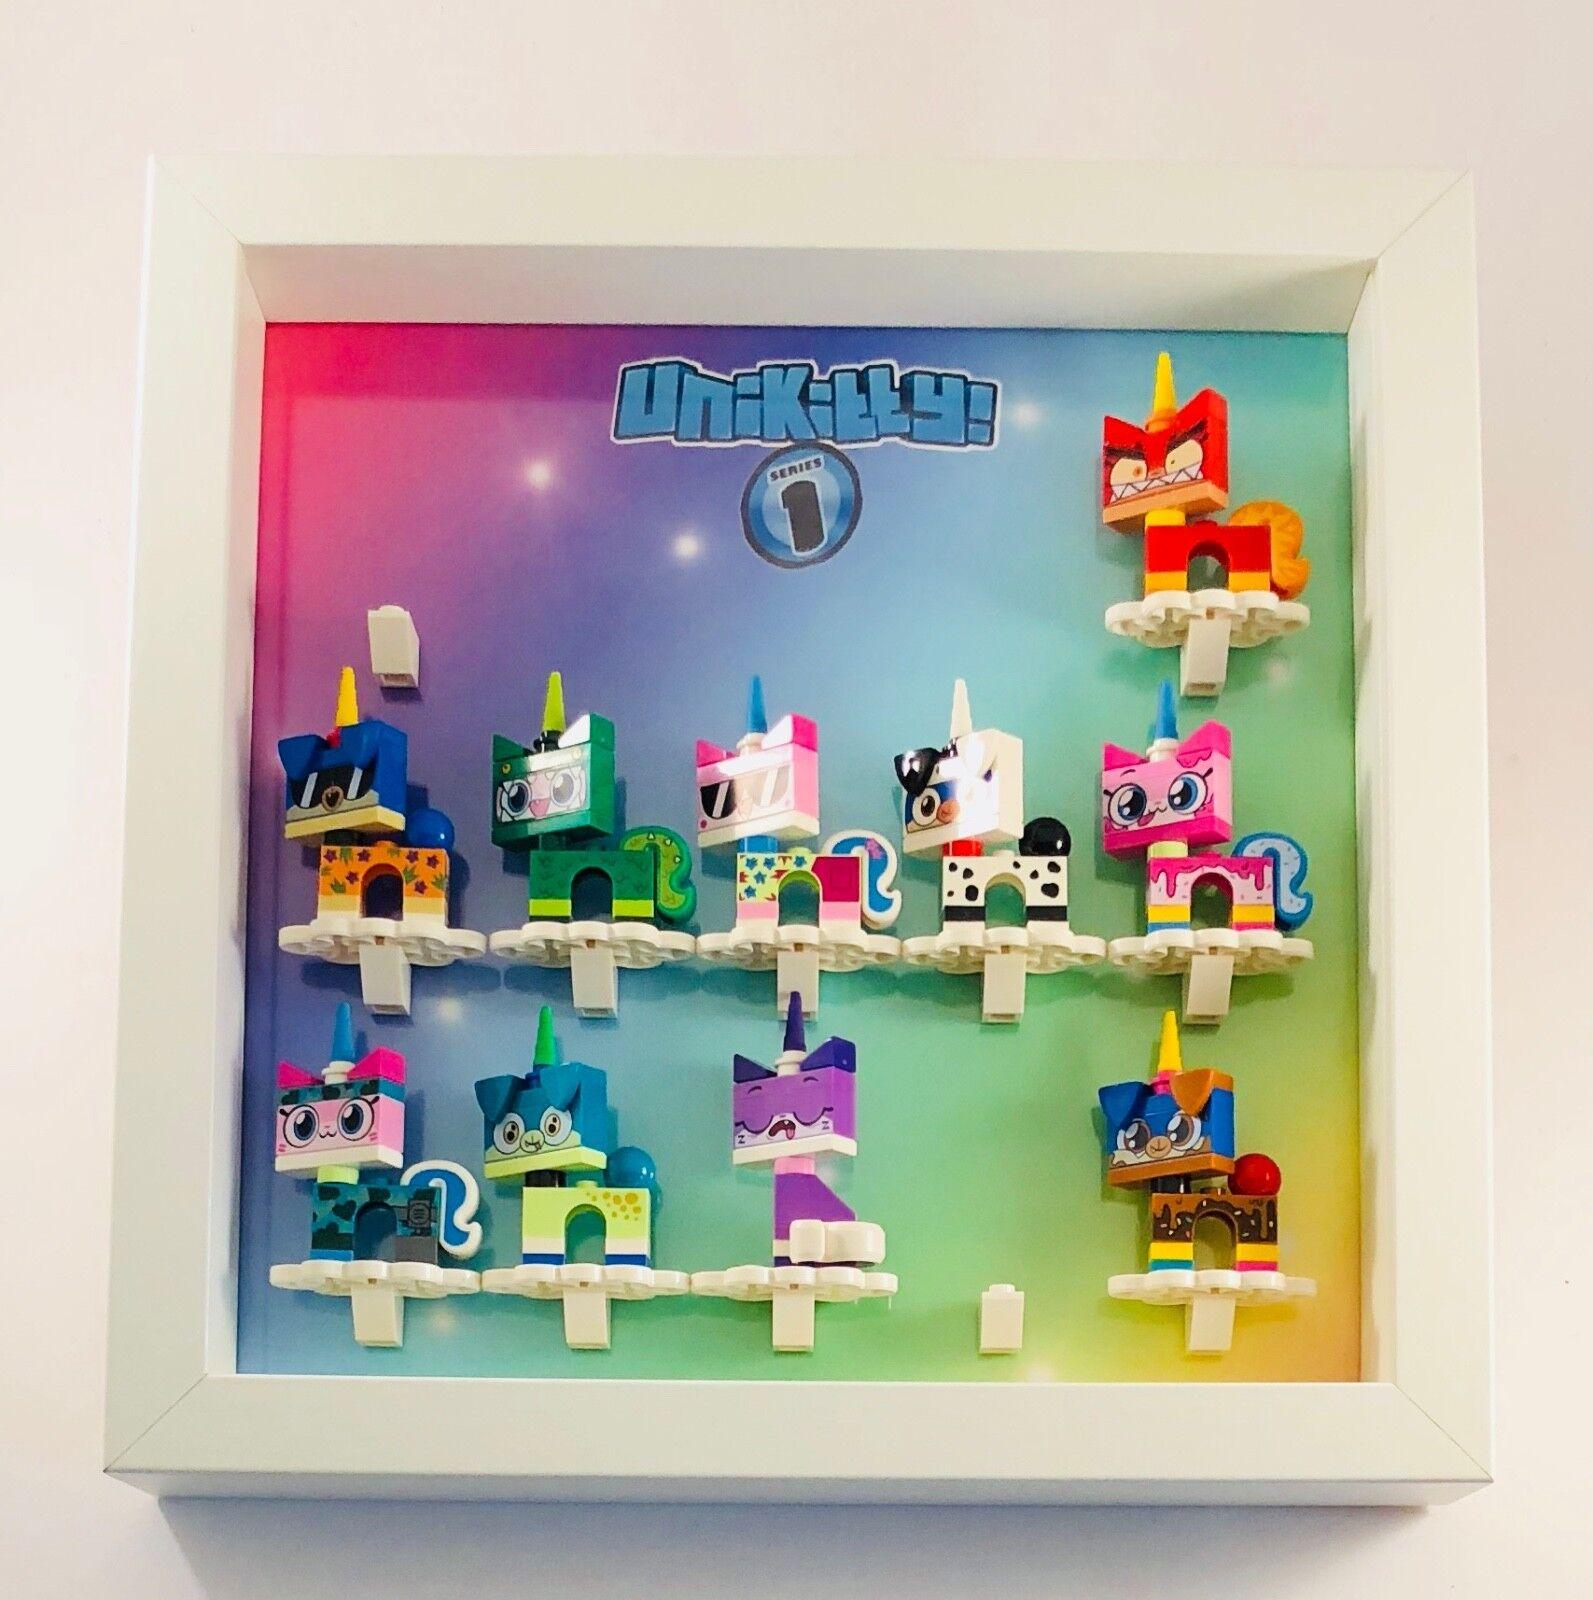 Minifigure Display Case Frame Lego Unikitty Series 1 Minifigs mini figures